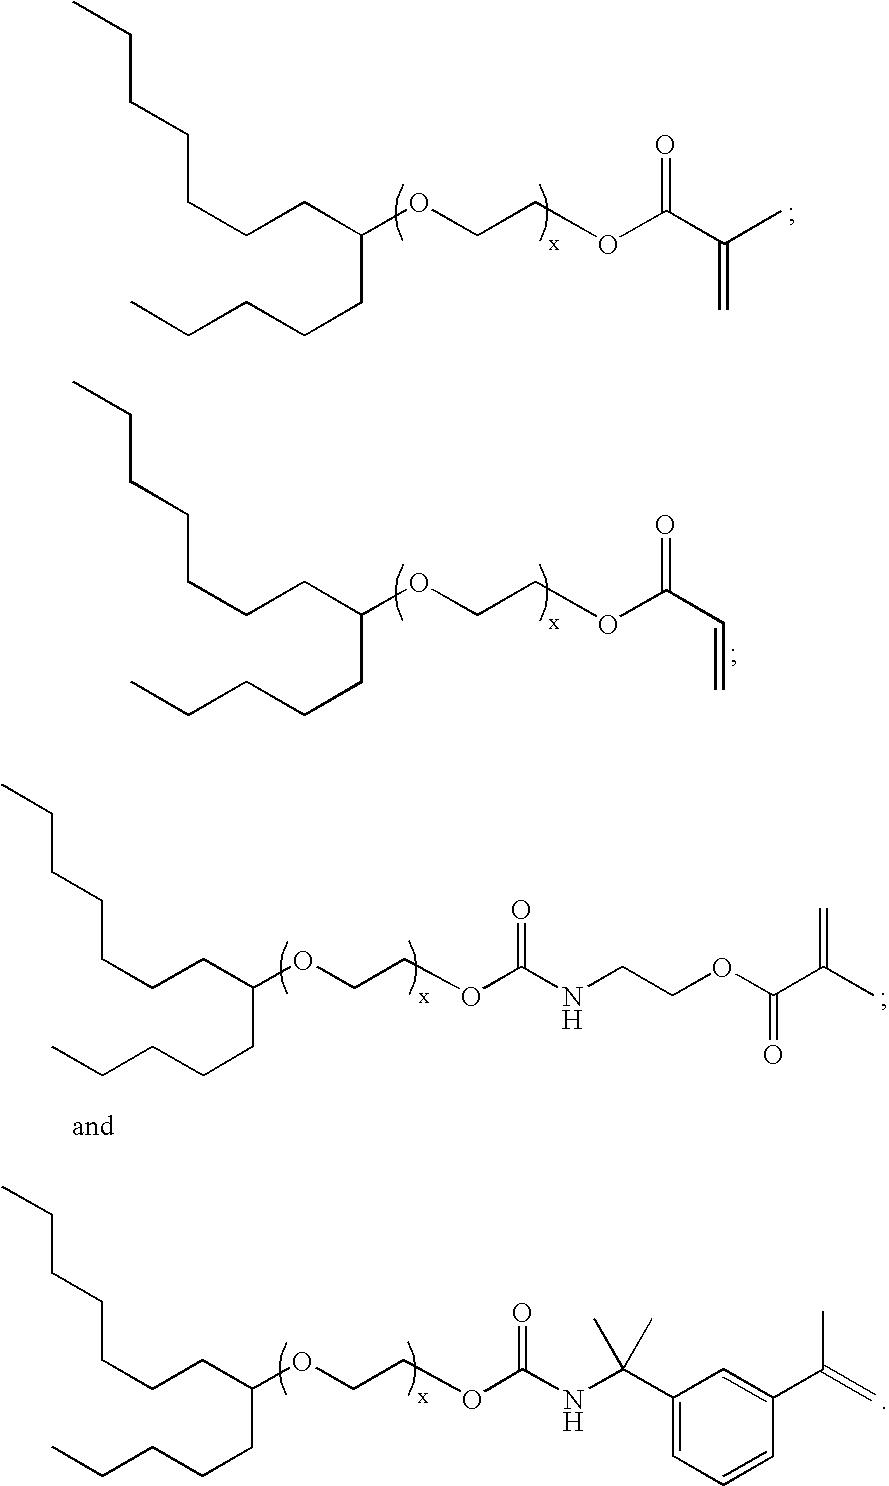 Figure US20090088544A1-20090402-C00009